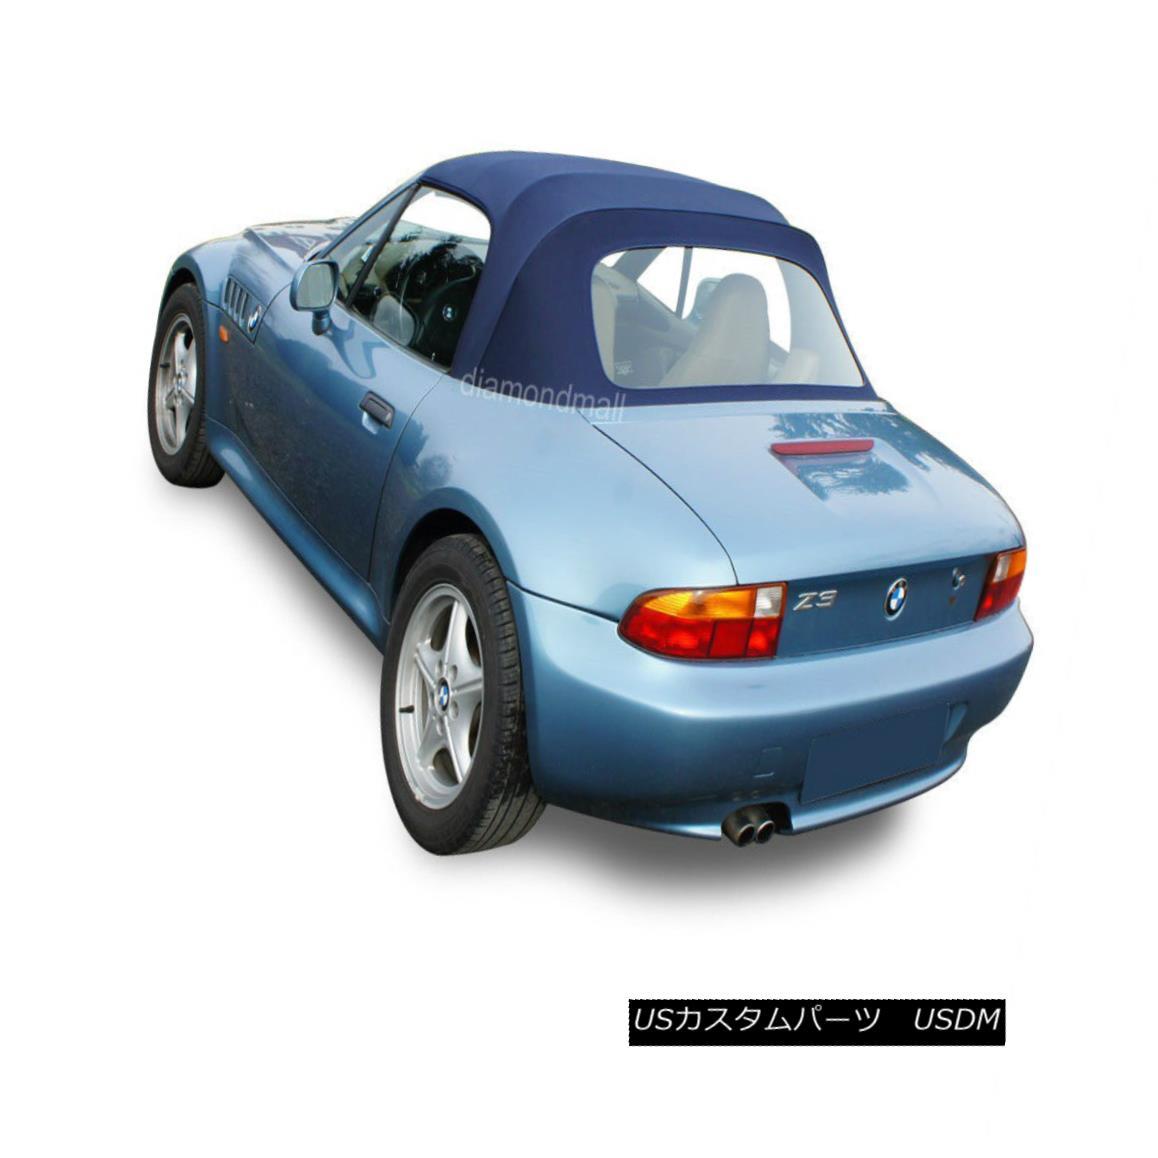 幌・ソフトトップ BMW Z3 1996-2002 Convertible Soft Top & Plastic Window Blue Twillfast II Canvas BMW Z3 1996-2002コンバーチブルソフトトップ& プラスチック製の窓ブルーツイルファーストIIキャンバス